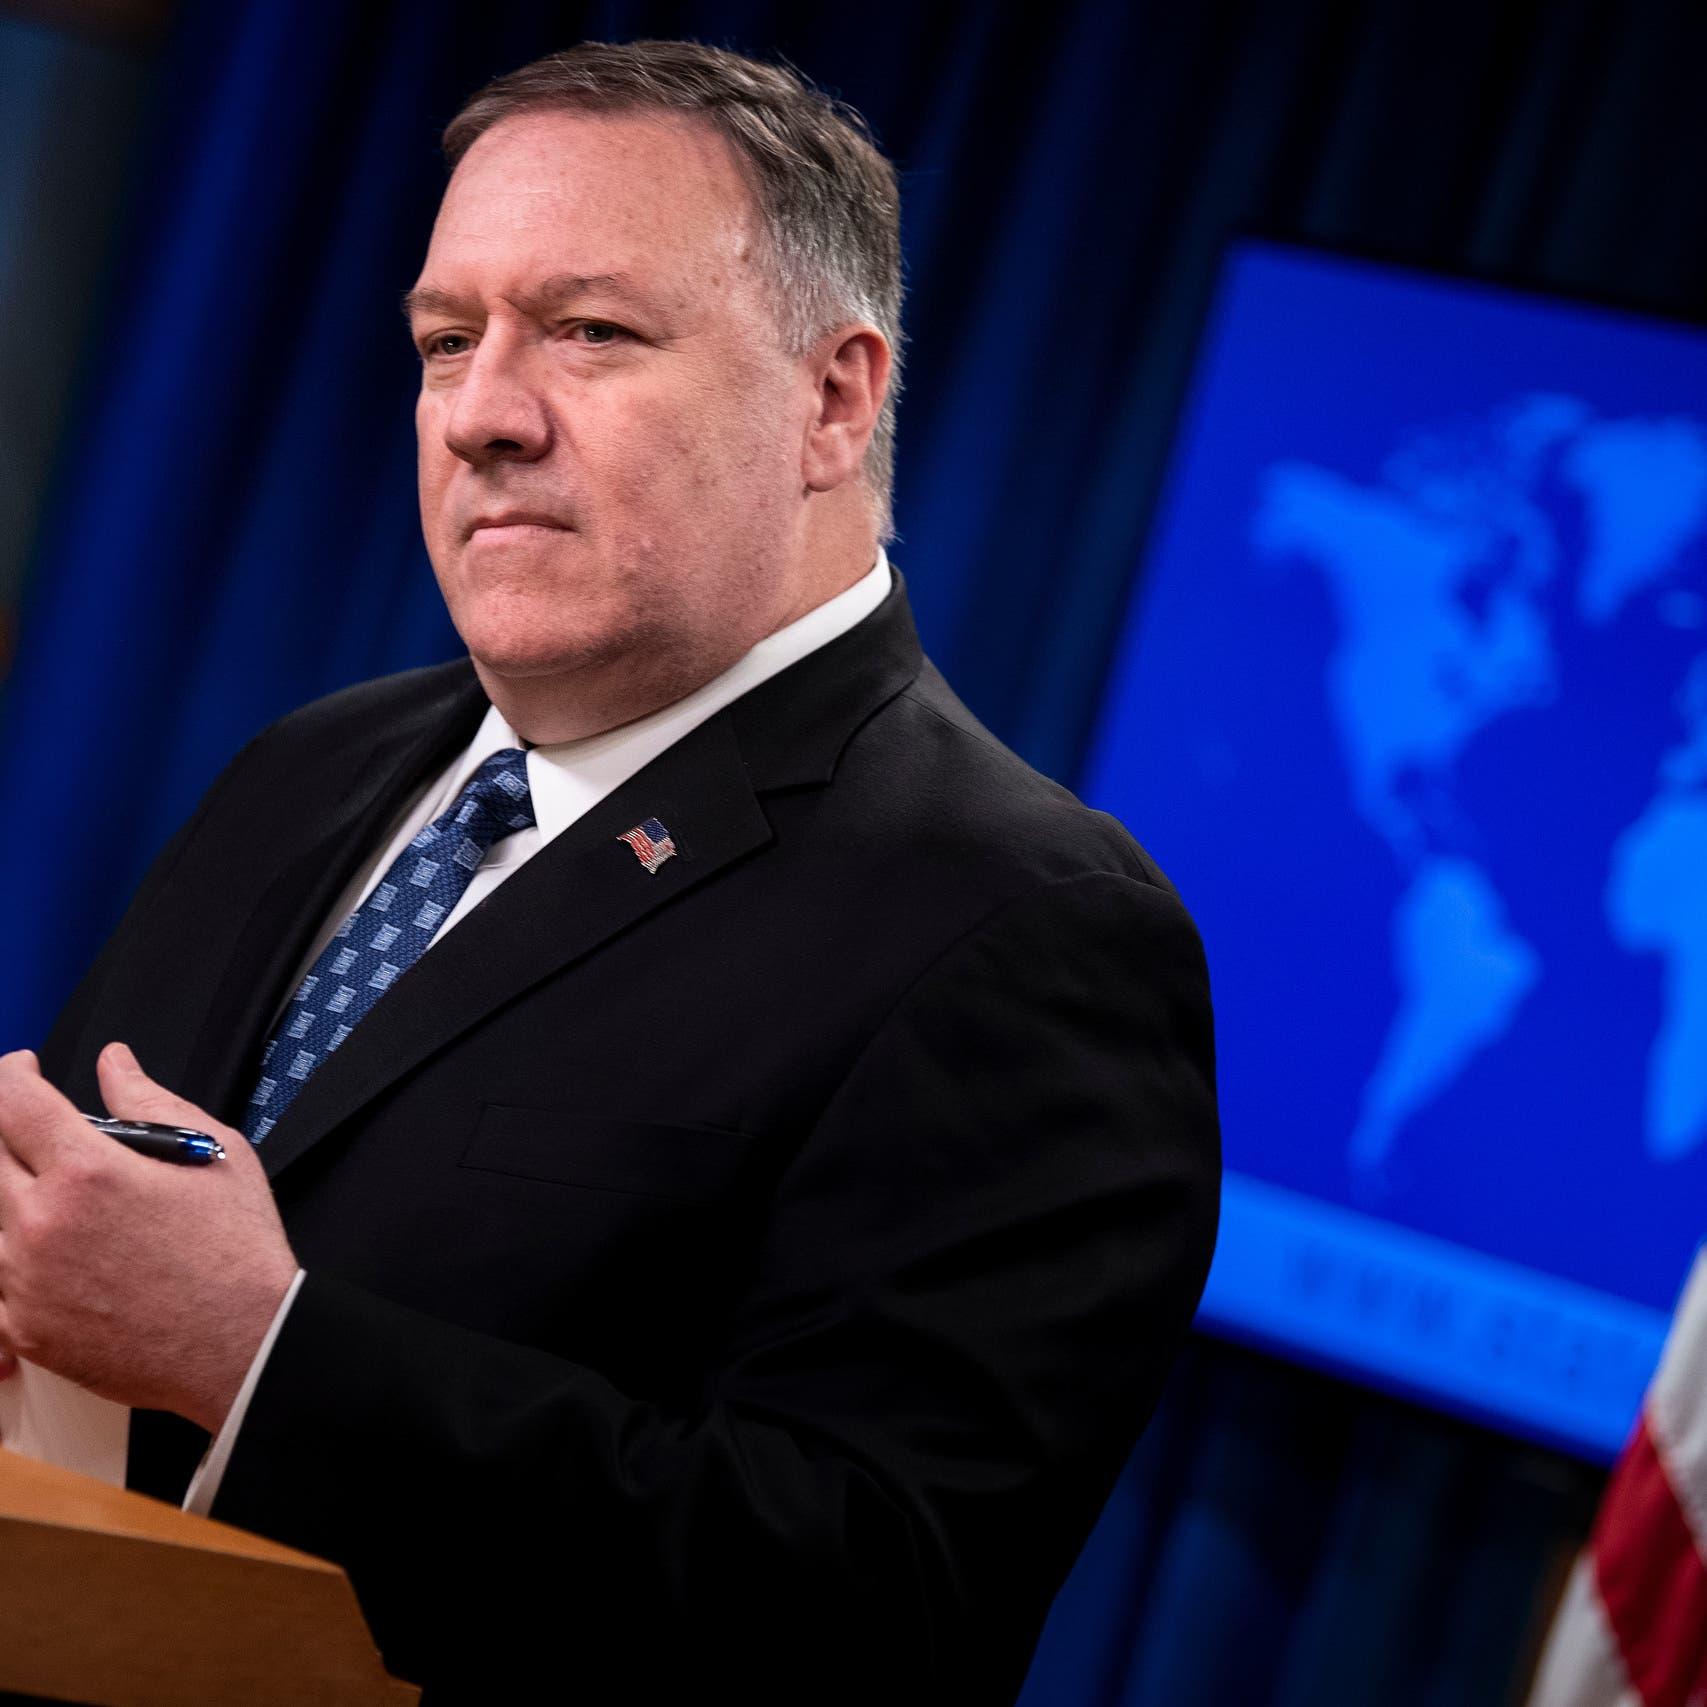 بومبيو: إيران ربما أخفت تفاصيل حيوية بشأن انتشار كورونا